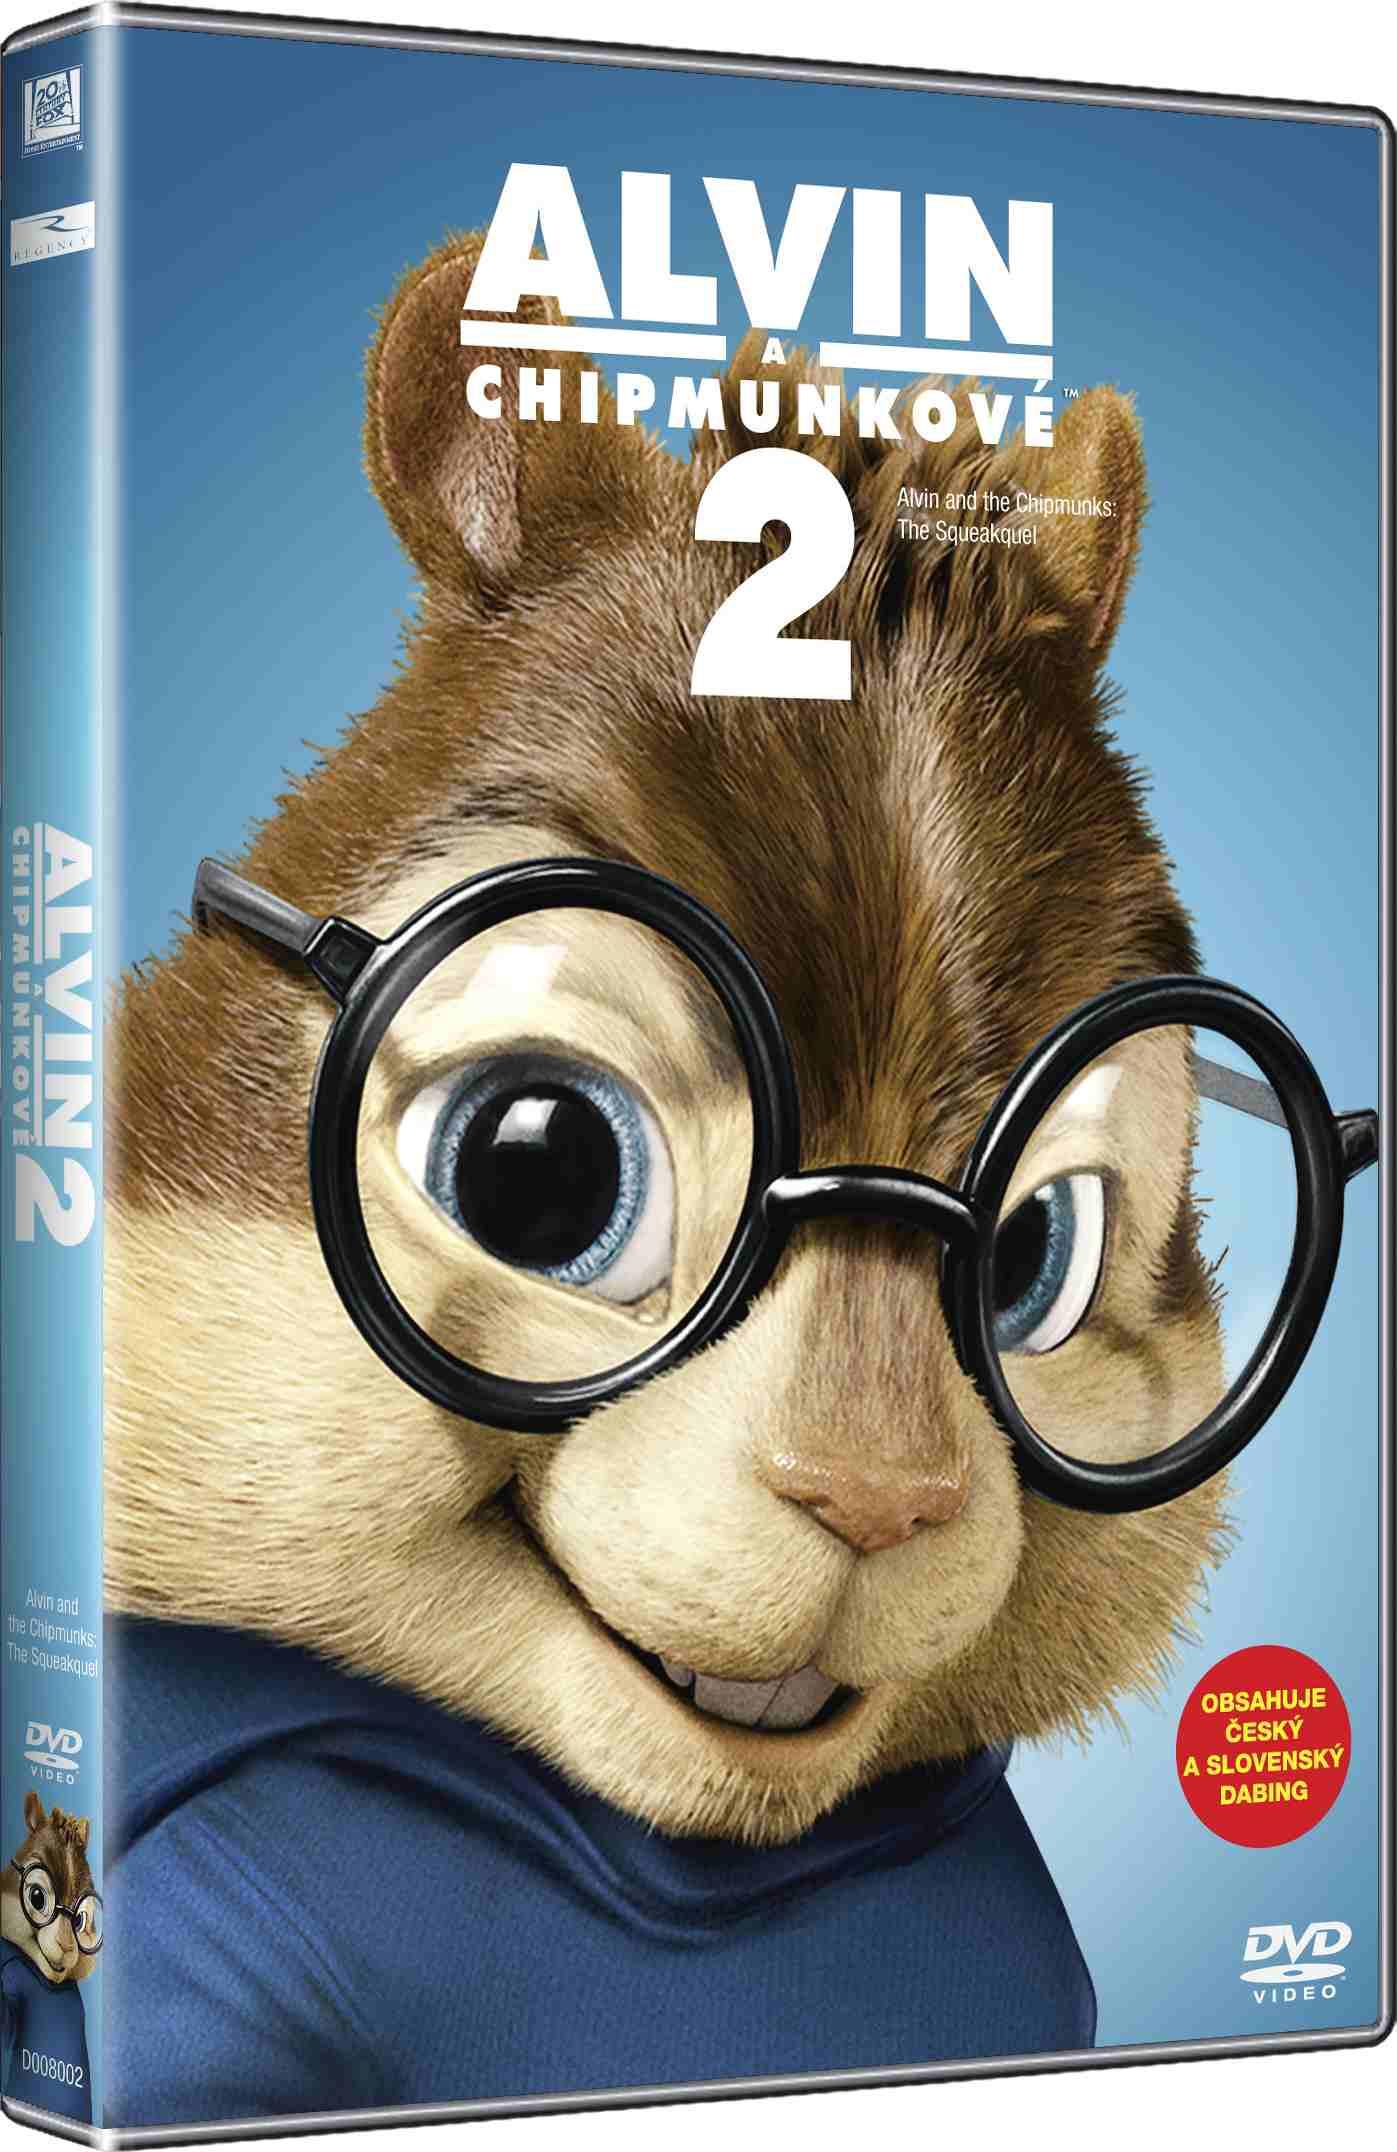 ALVIN A CHIPMUNKOVÉ 2 (Big Face) - DVD